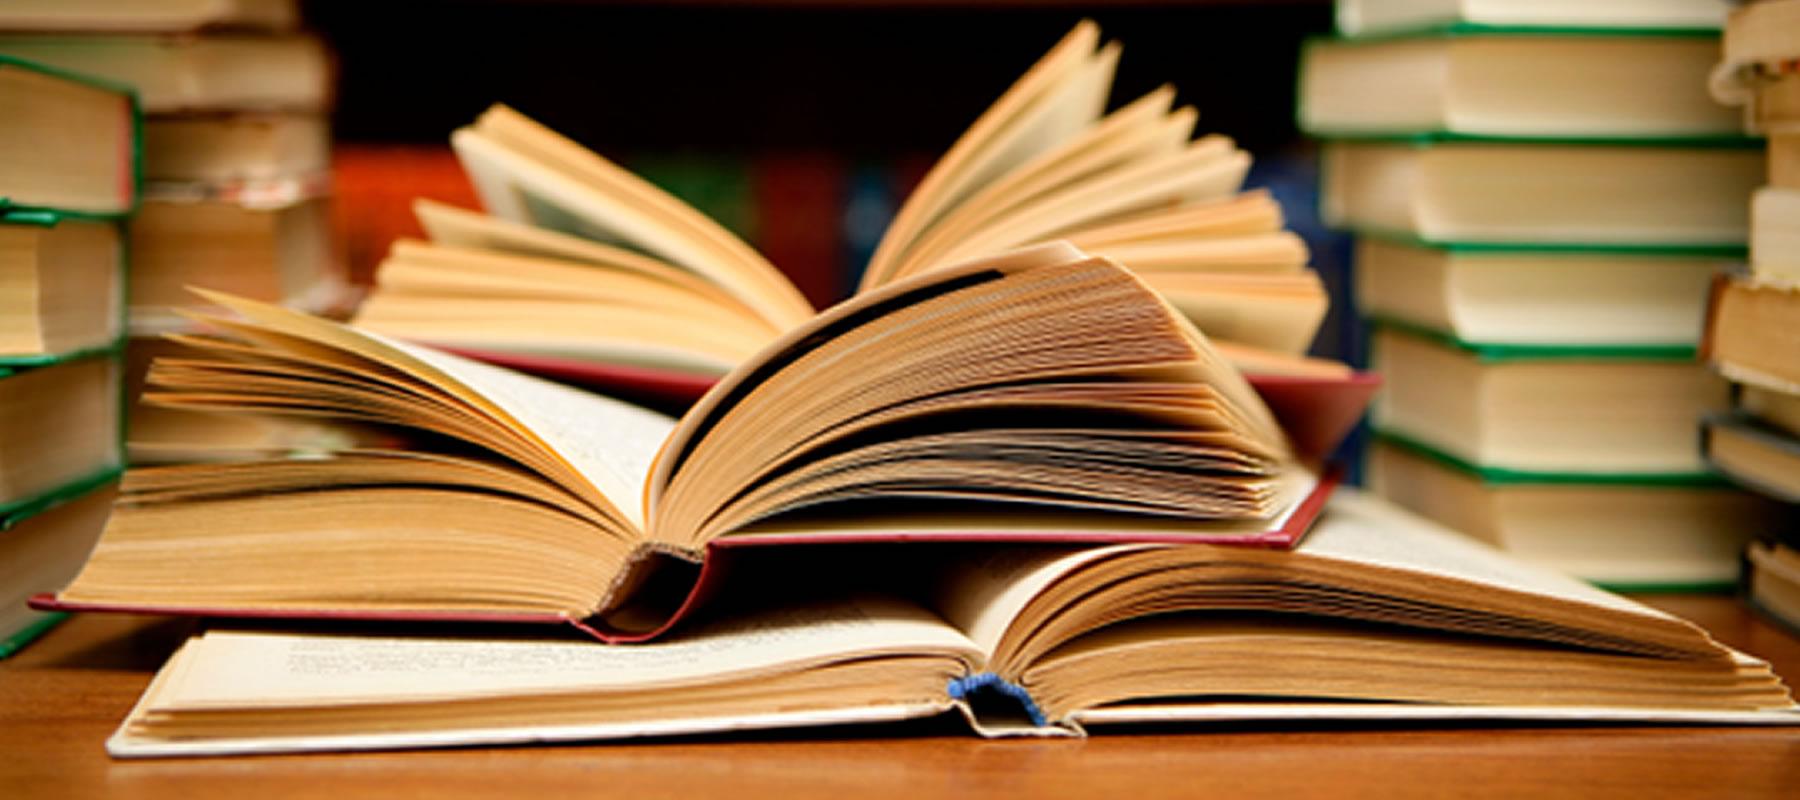 Livros sobre livros